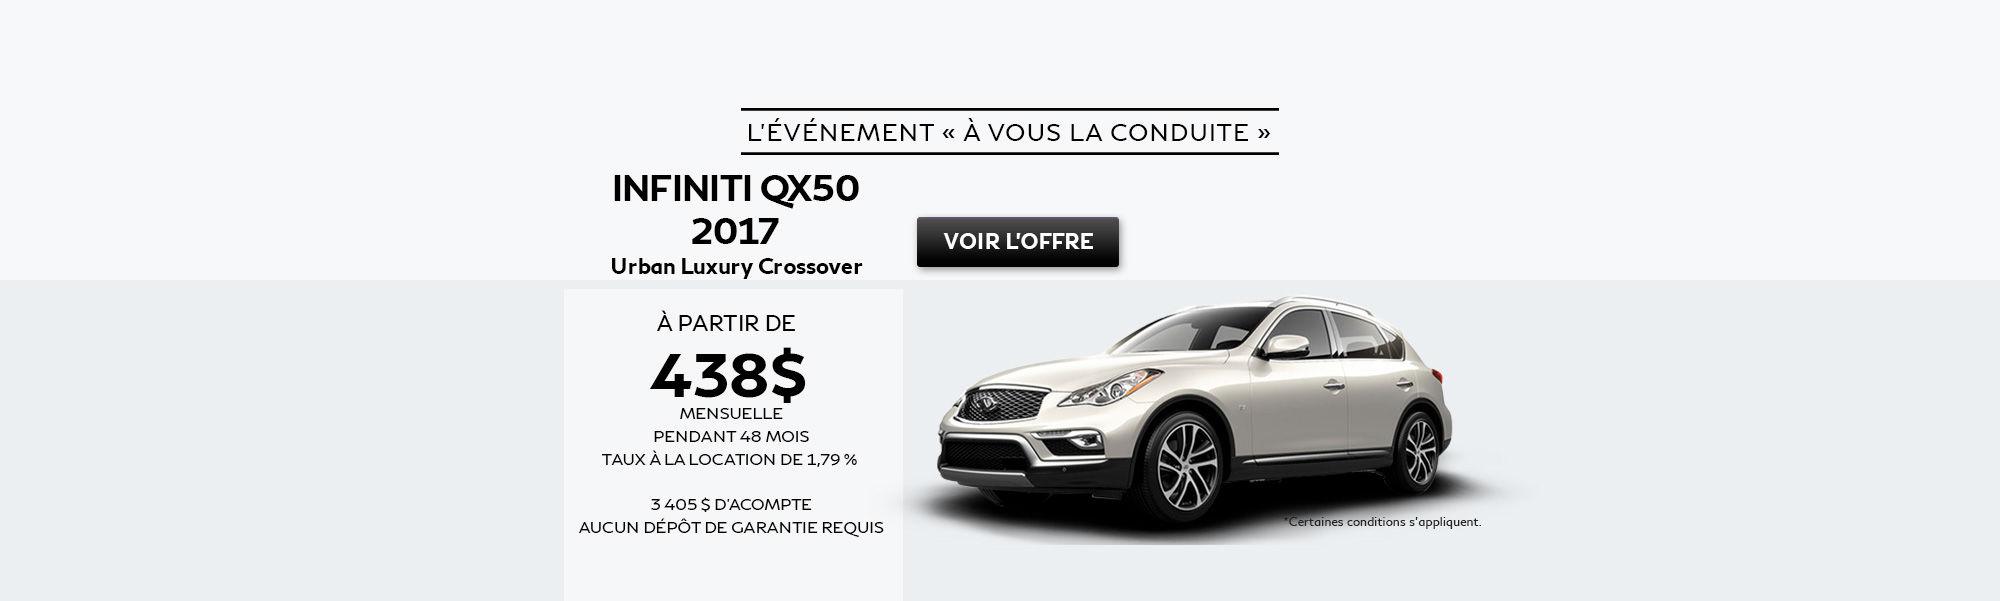 L'événement à vous la conduite - QX50